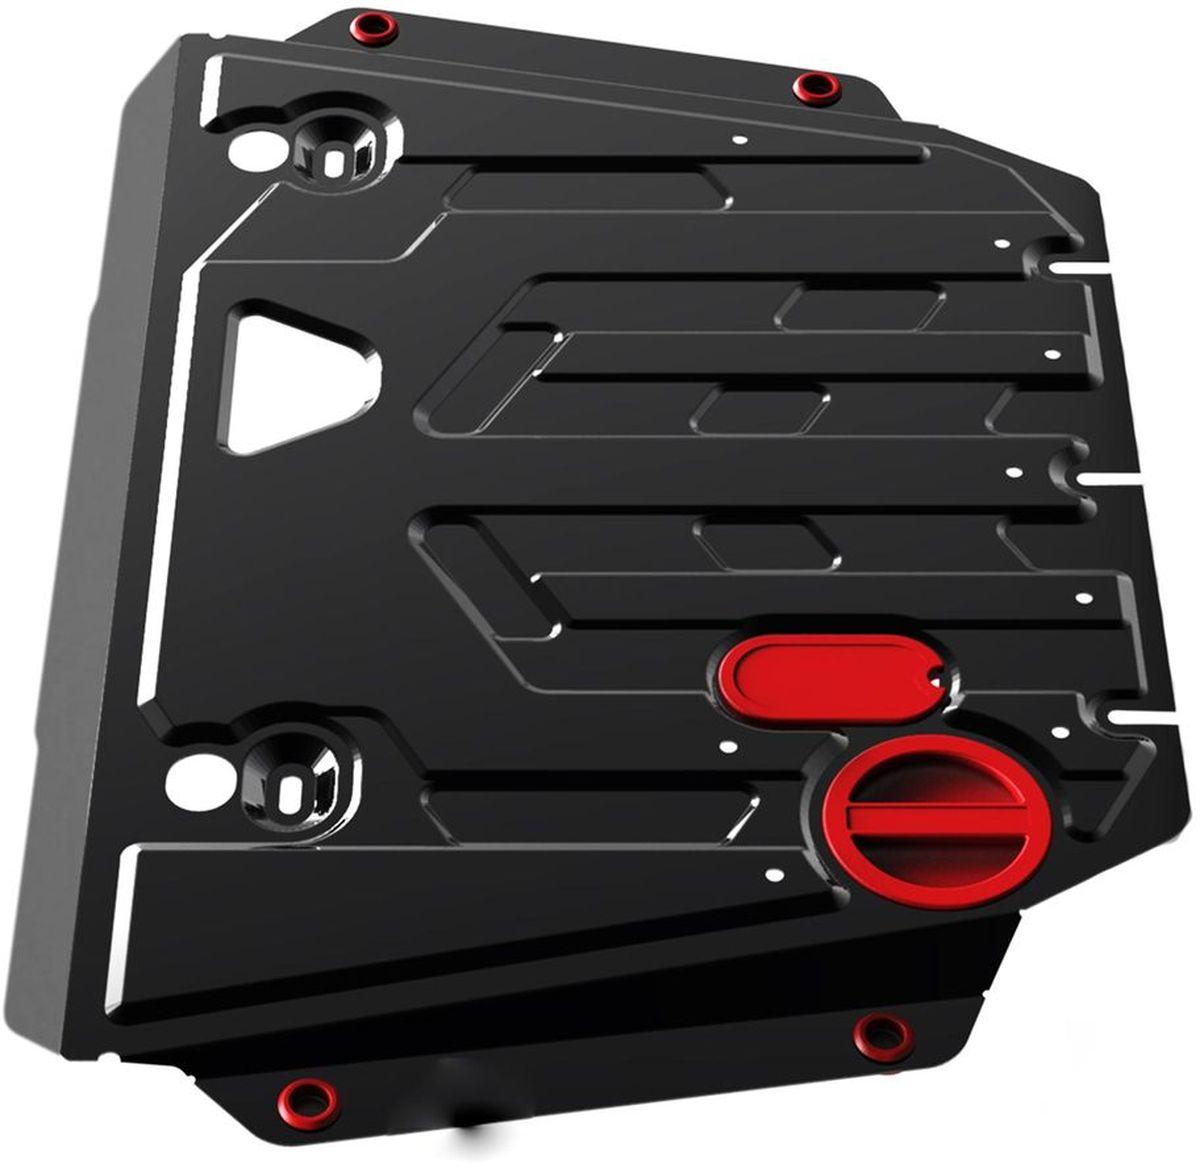 Защита картера и КПП Автоброня Hyundai Santa Fe 2009-2012, сталь 2 мм111.02318.1Защита картера и КПП Автоброня Hyundai Santa Fe, V - 2,4; 2,2 CRDI 2009-2012, сталь 2 мм, комплект крепежа, 111.02318.1Стальные защиты Автоброня надежно защищают ваш автомобиль от повреждений при наезде на бордюры, выступающие канализационные люки, кромки поврежденного асфальта или при ремонте дорог, не говоря уже о загородных дорогах.- Имеют оптимальное соотношение цена-качество.- Спроектированы с учетом особенностей автомобиля, что делает установку удобной.- Защита устанавливается в штатные места кузова автомобиля.- Является надежной защитой для важных элементов на протяжении долгих лет.- Глубокий штамп дополнительно усиливает конструкцию защиты.- Подштамповка в местах крепления защищает крепеж от срезания.- Технологические отверстия там, где они необходимы для смены масла и слива воды, оборудованные заглушками, закрепленными на защите.Толщина стали 2 мм.В комплекте крепеж и инструкция по установке.Уважаемые клиенты!Обращаем ваше внимание на тот факт, что защита имеет форму, соответствующую модели данного автомобиля. Наличие глубокого штампа и лючков для смены фильтров/масла предусмотрено не на всех защитах. Фото служит для визуального восприятия товара.